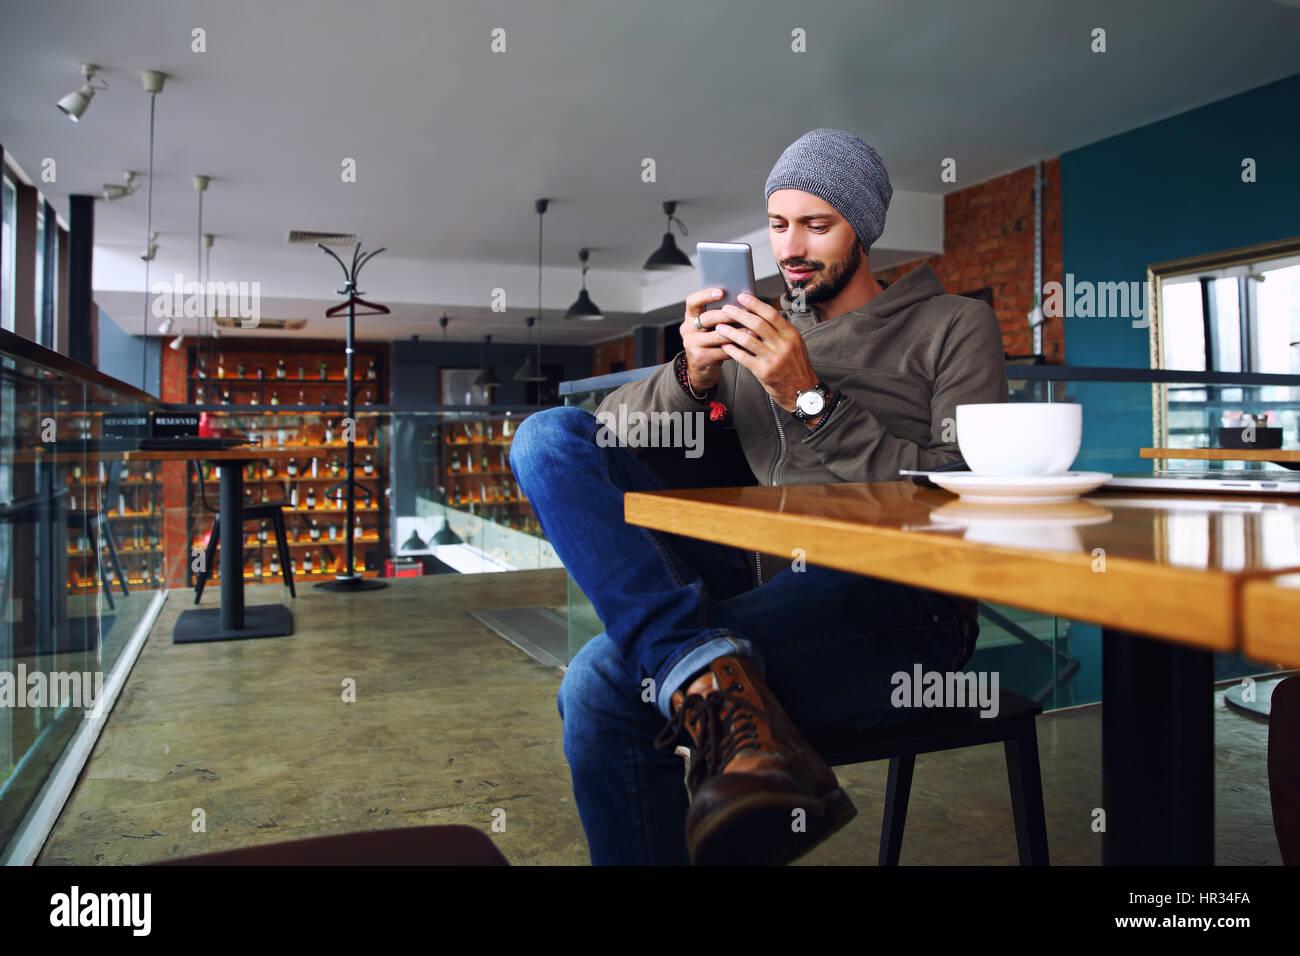 Beau jeune mec avec barbe hippie des sms avec son téléphone portable au bar et d'un cappuccino. Photo Stock